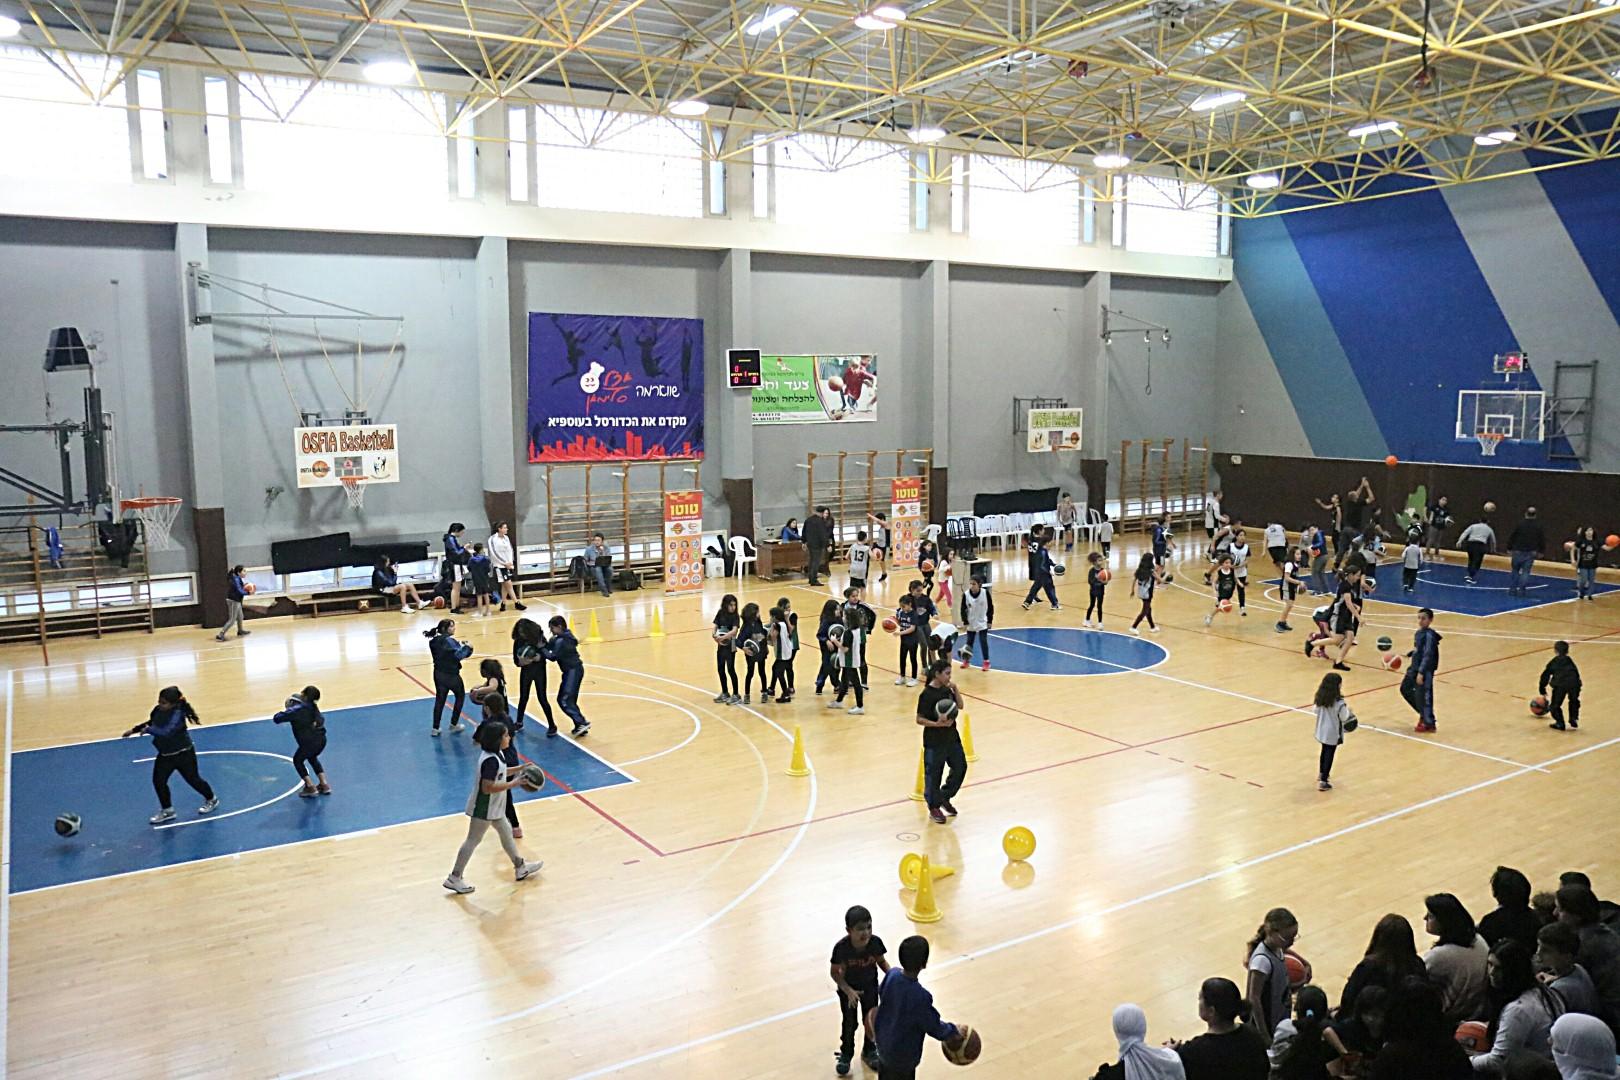 חוויה מיוחדת במינה - הילדים בתחנות הספורט ביום המפגש (צילום: באדיבות מנהלת ליגת ווינר סל)